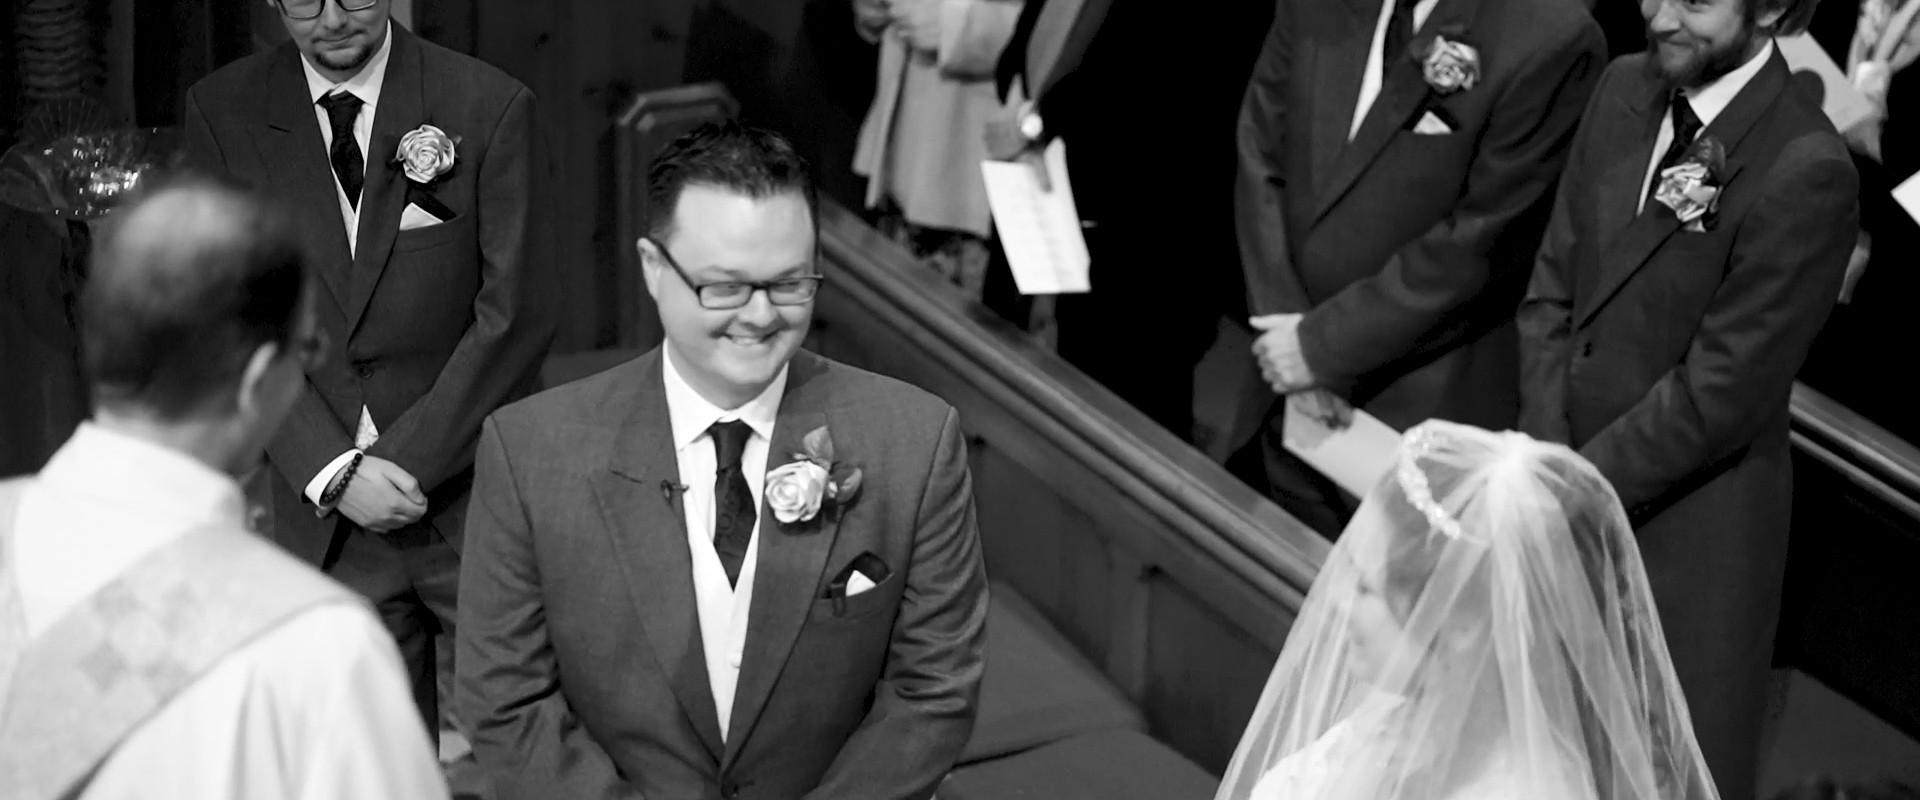 Wedding-ShortFilm-BW.00_02_08_01.Still01